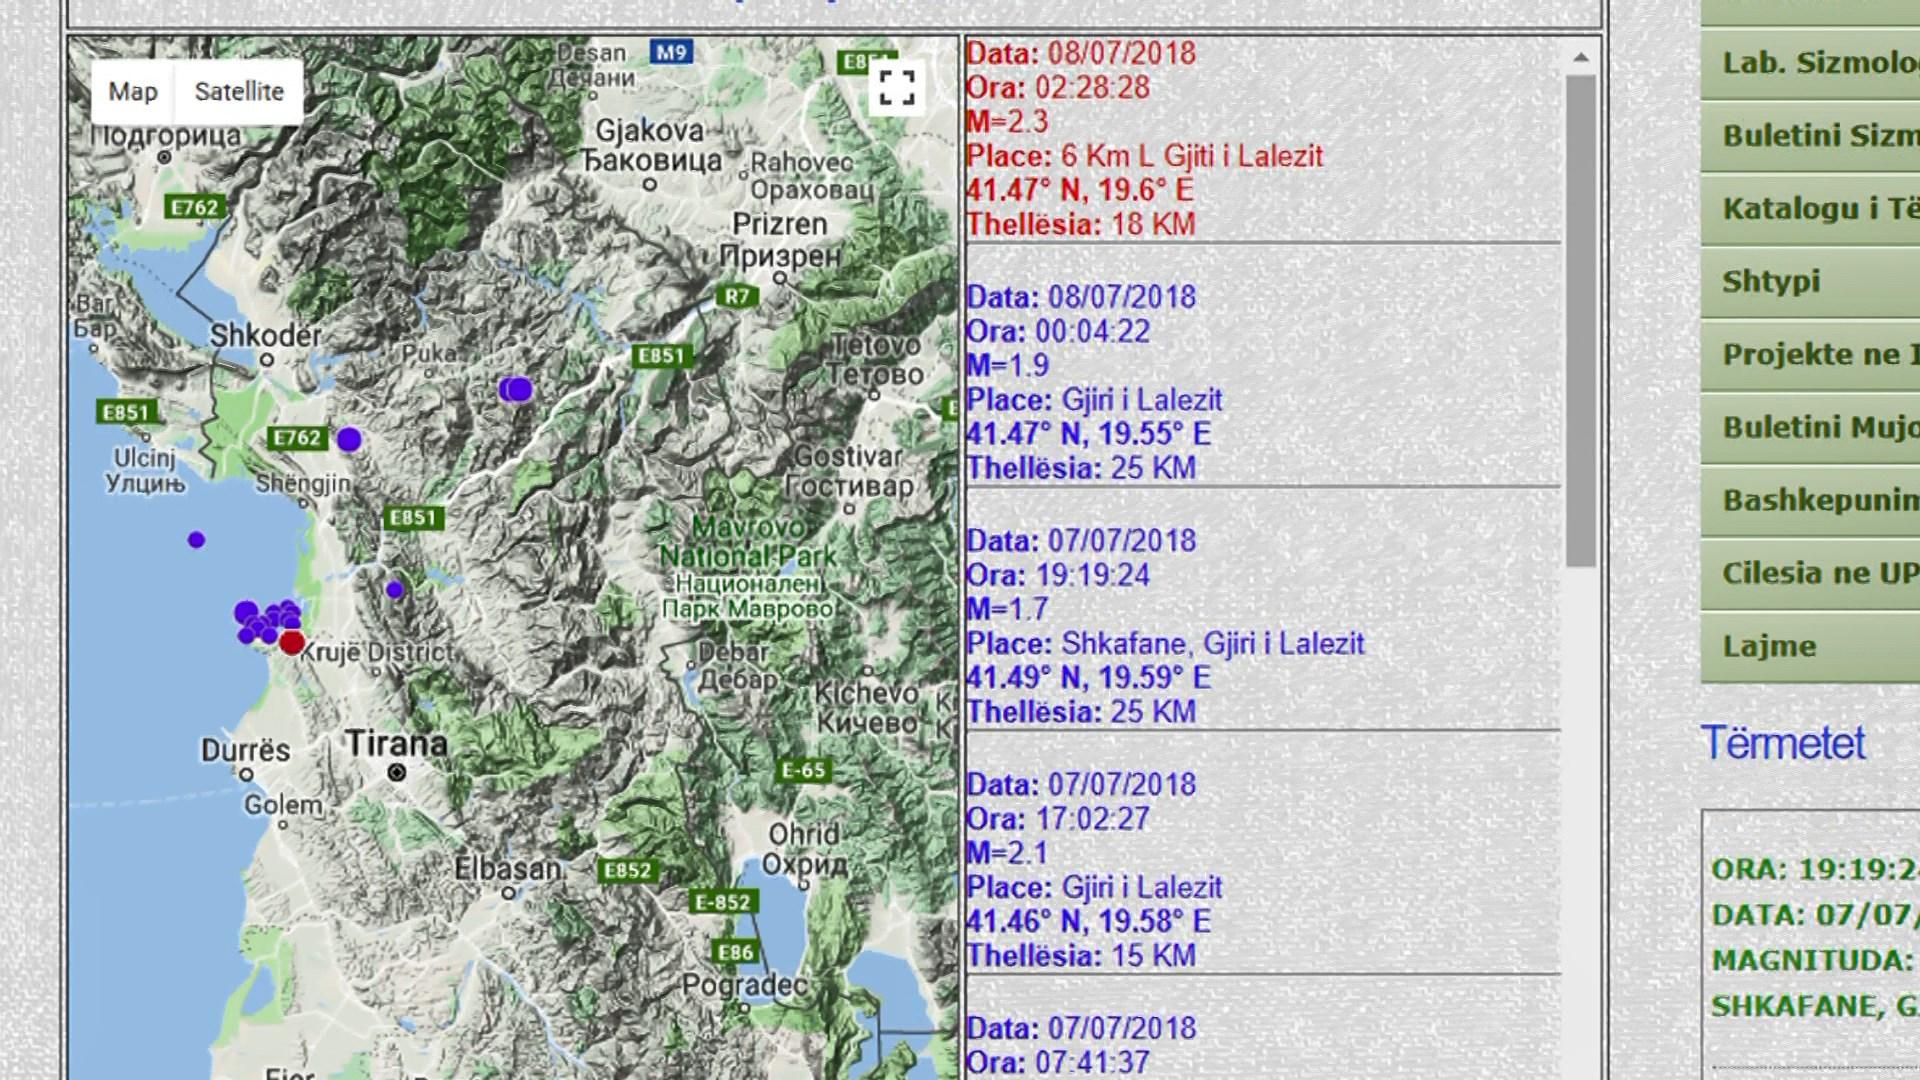 Tjetër tërmet te Gjiri i Lalëzit me magnitudë 2.3 ballë